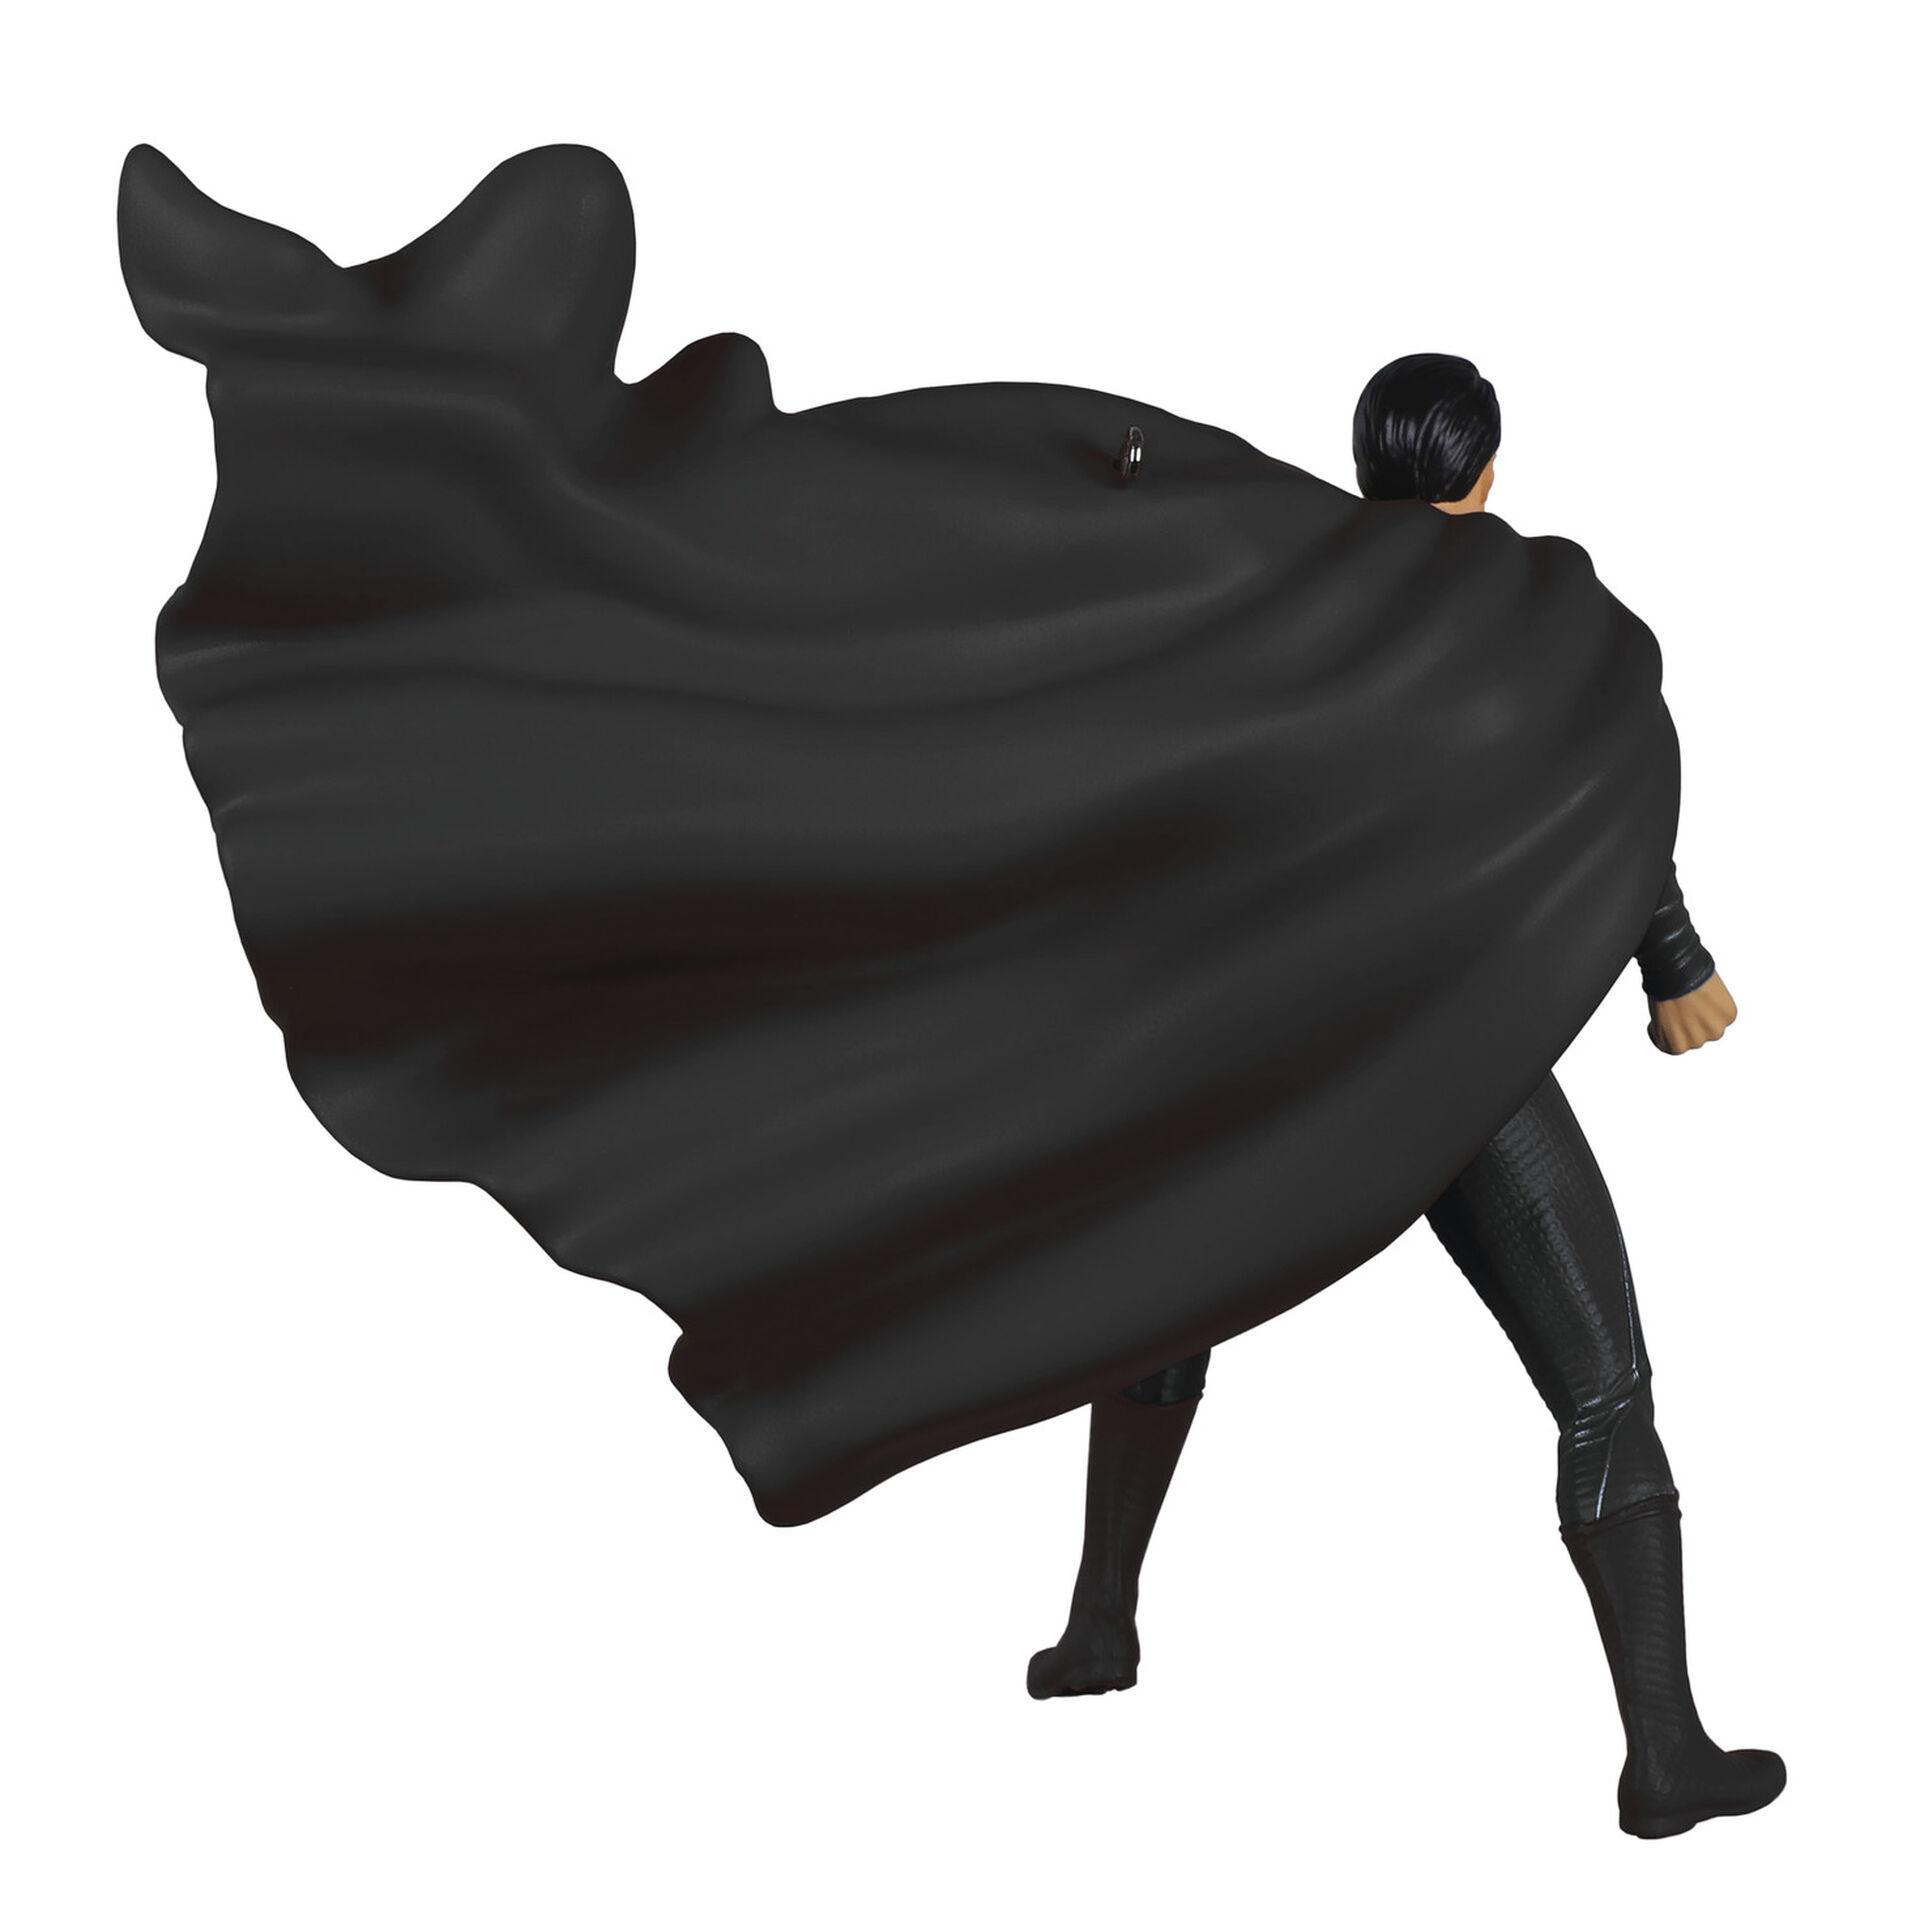 DC-Comics-Zack-Snyder-Justice-League-Black-Suit-Superman-Ornament_1799QXI7116_06